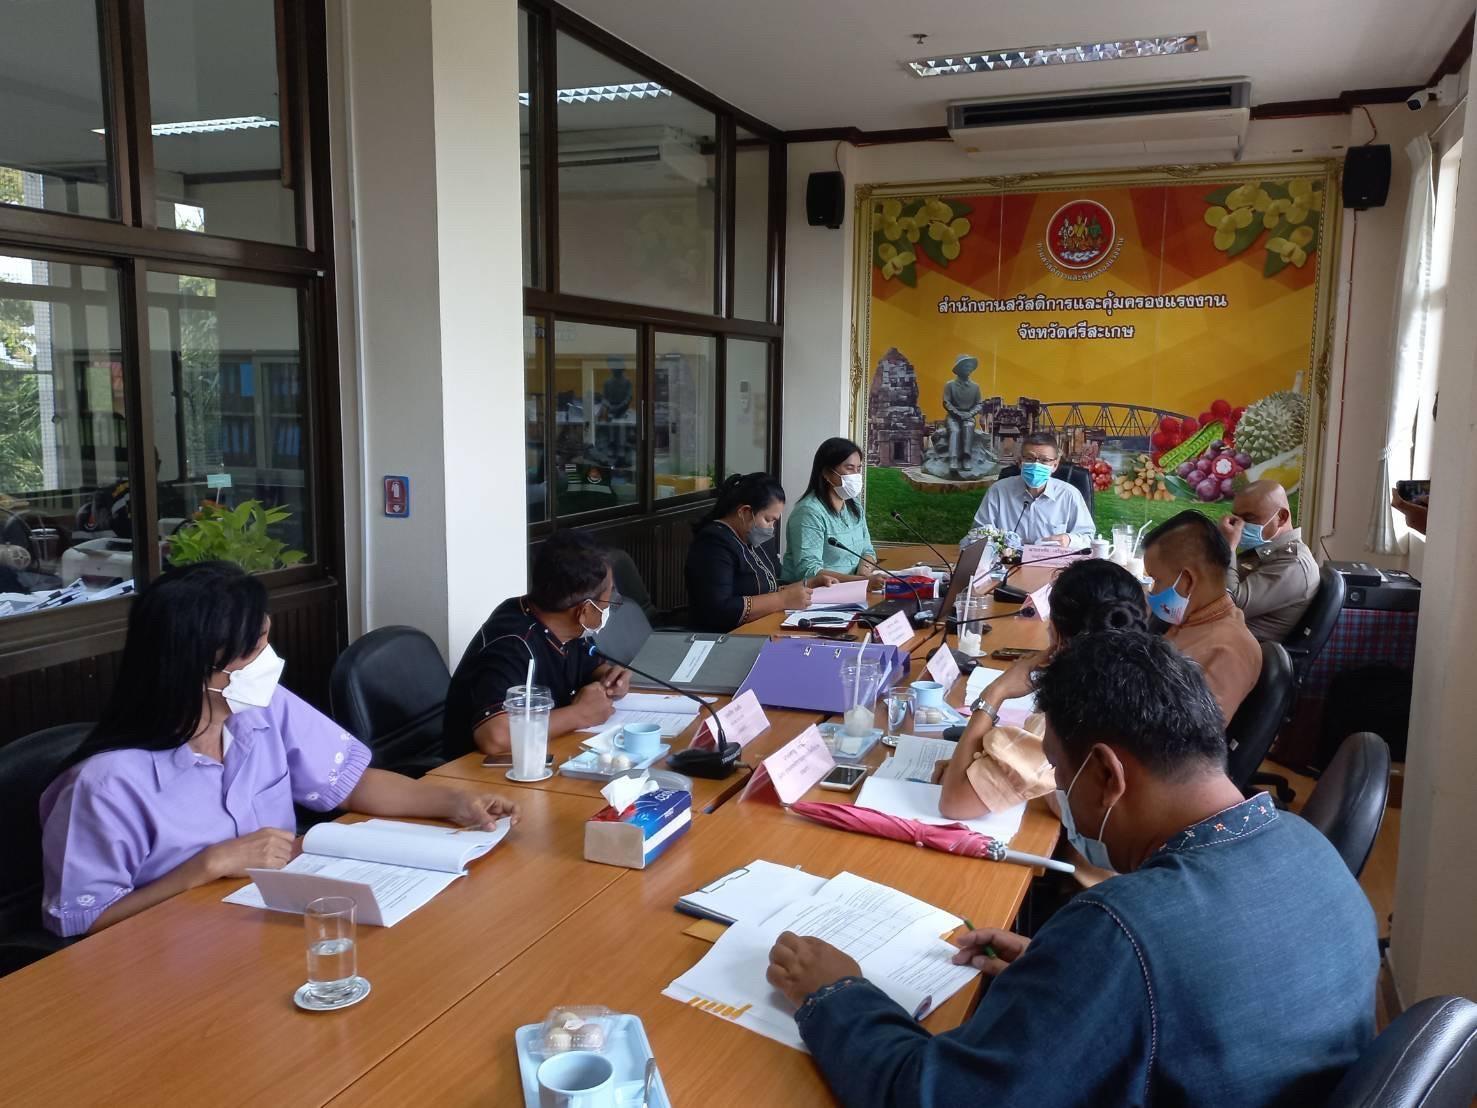 การประชุมคณะกรรมการกลั่นกรองรับรองมาตรฐานการป้องกันและแก้ไขปัญหายาเสพติดในสถานประกอบกิจการ